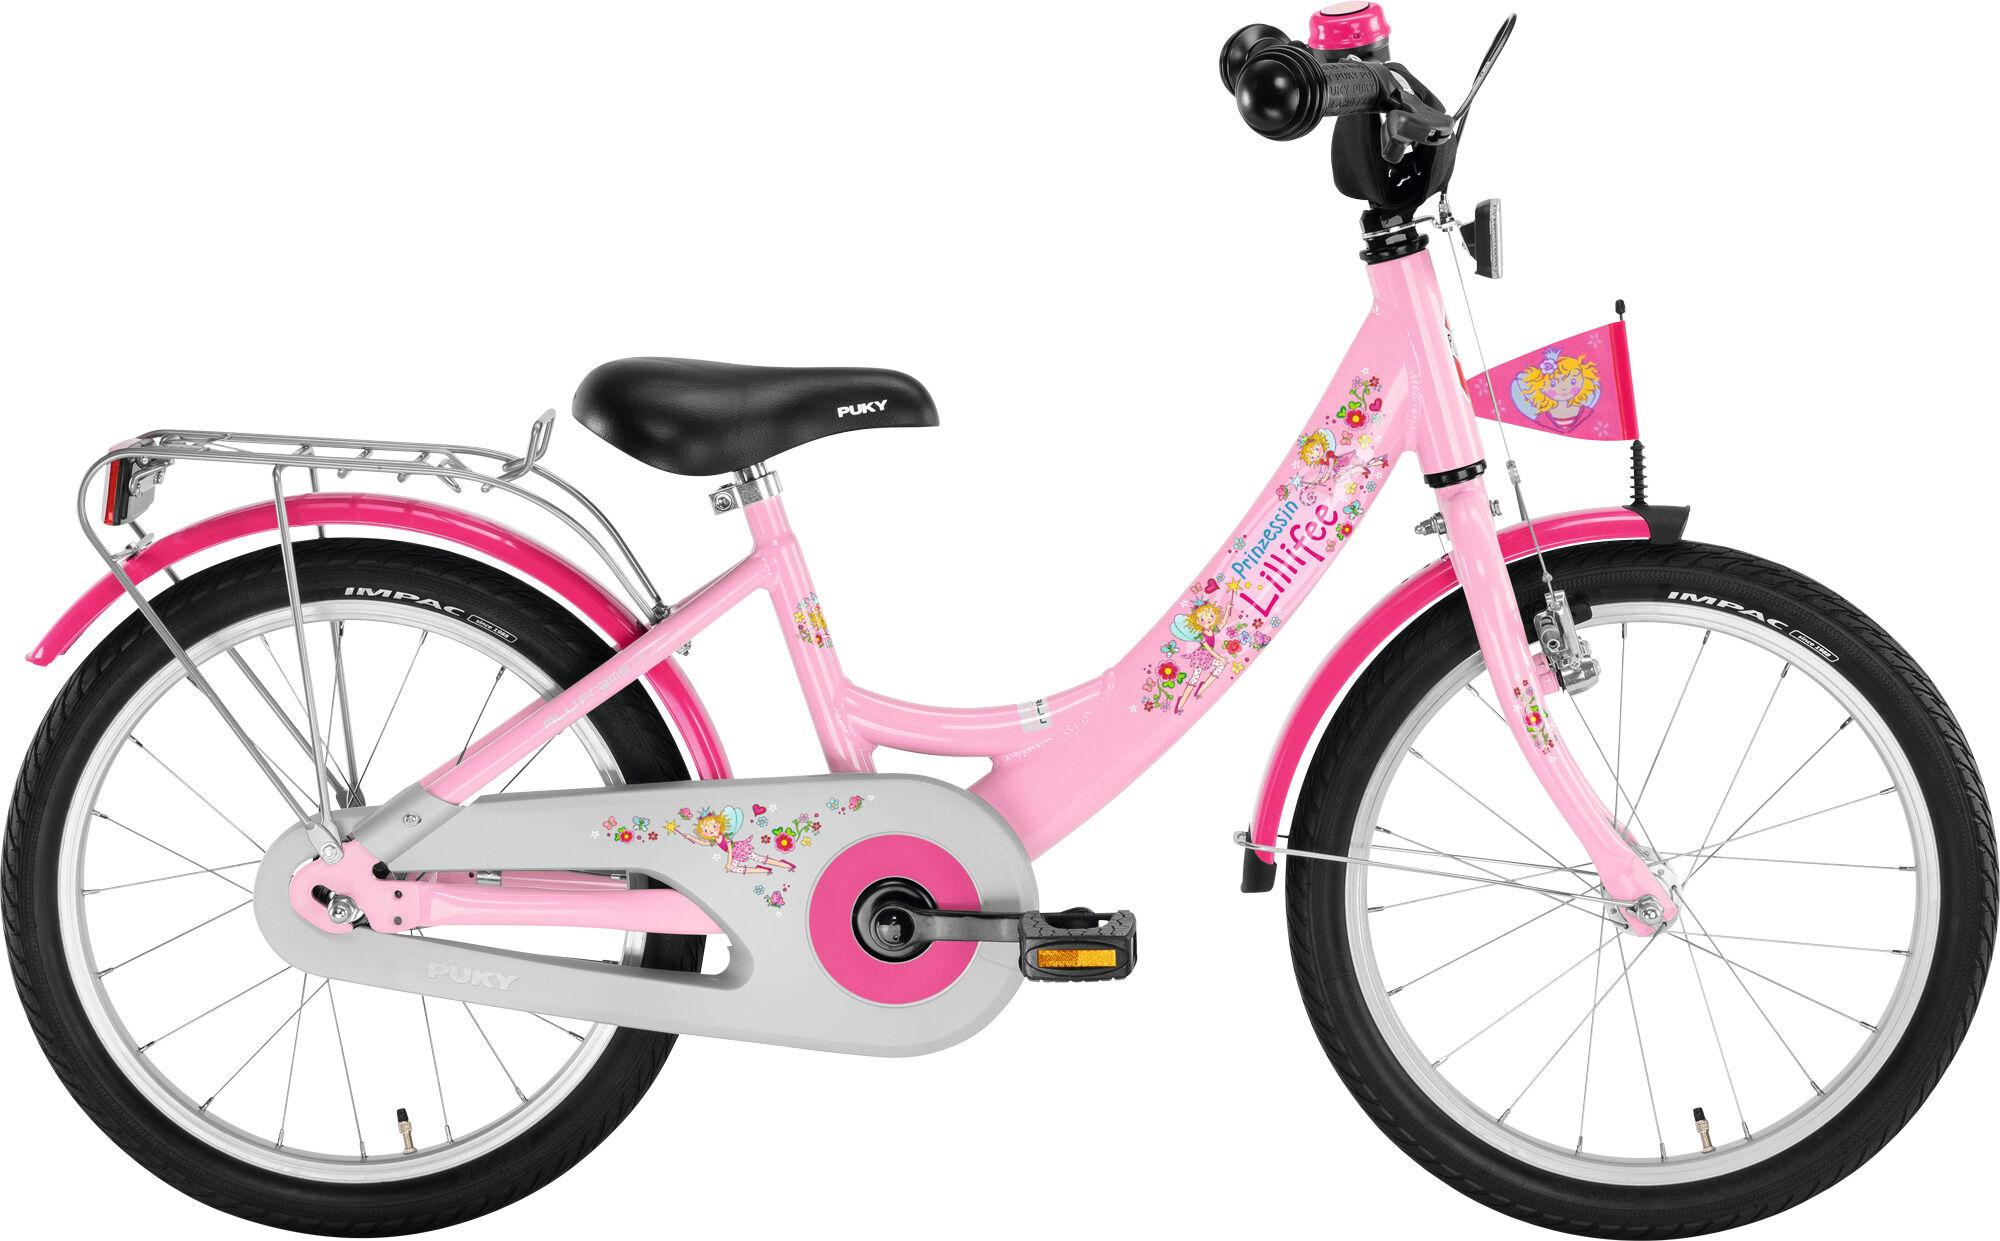 fahrrad pink kaufen